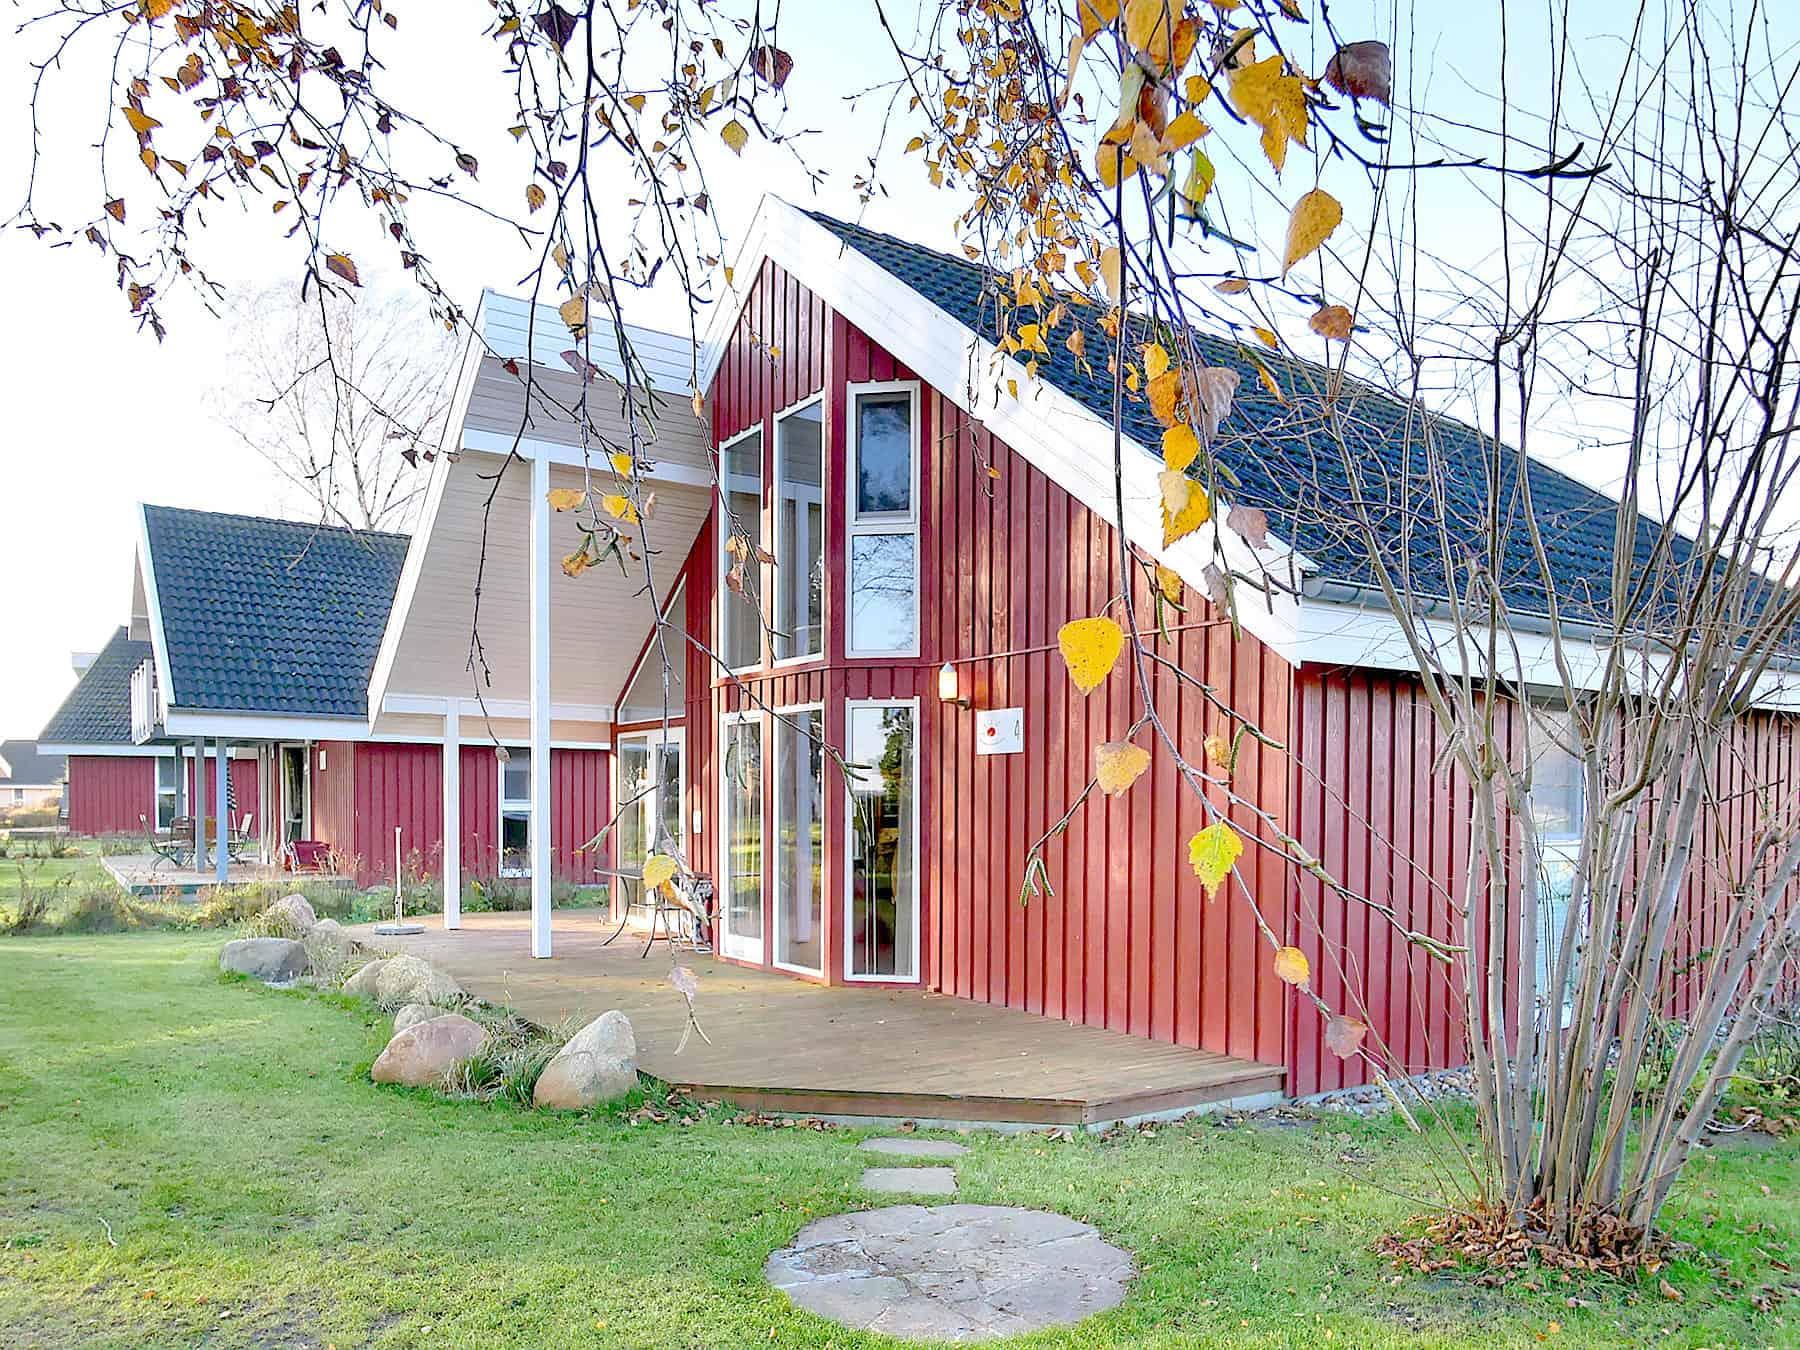 Ferienhaus Seeperle XL mit Whirlpool in Wendisch Rietz